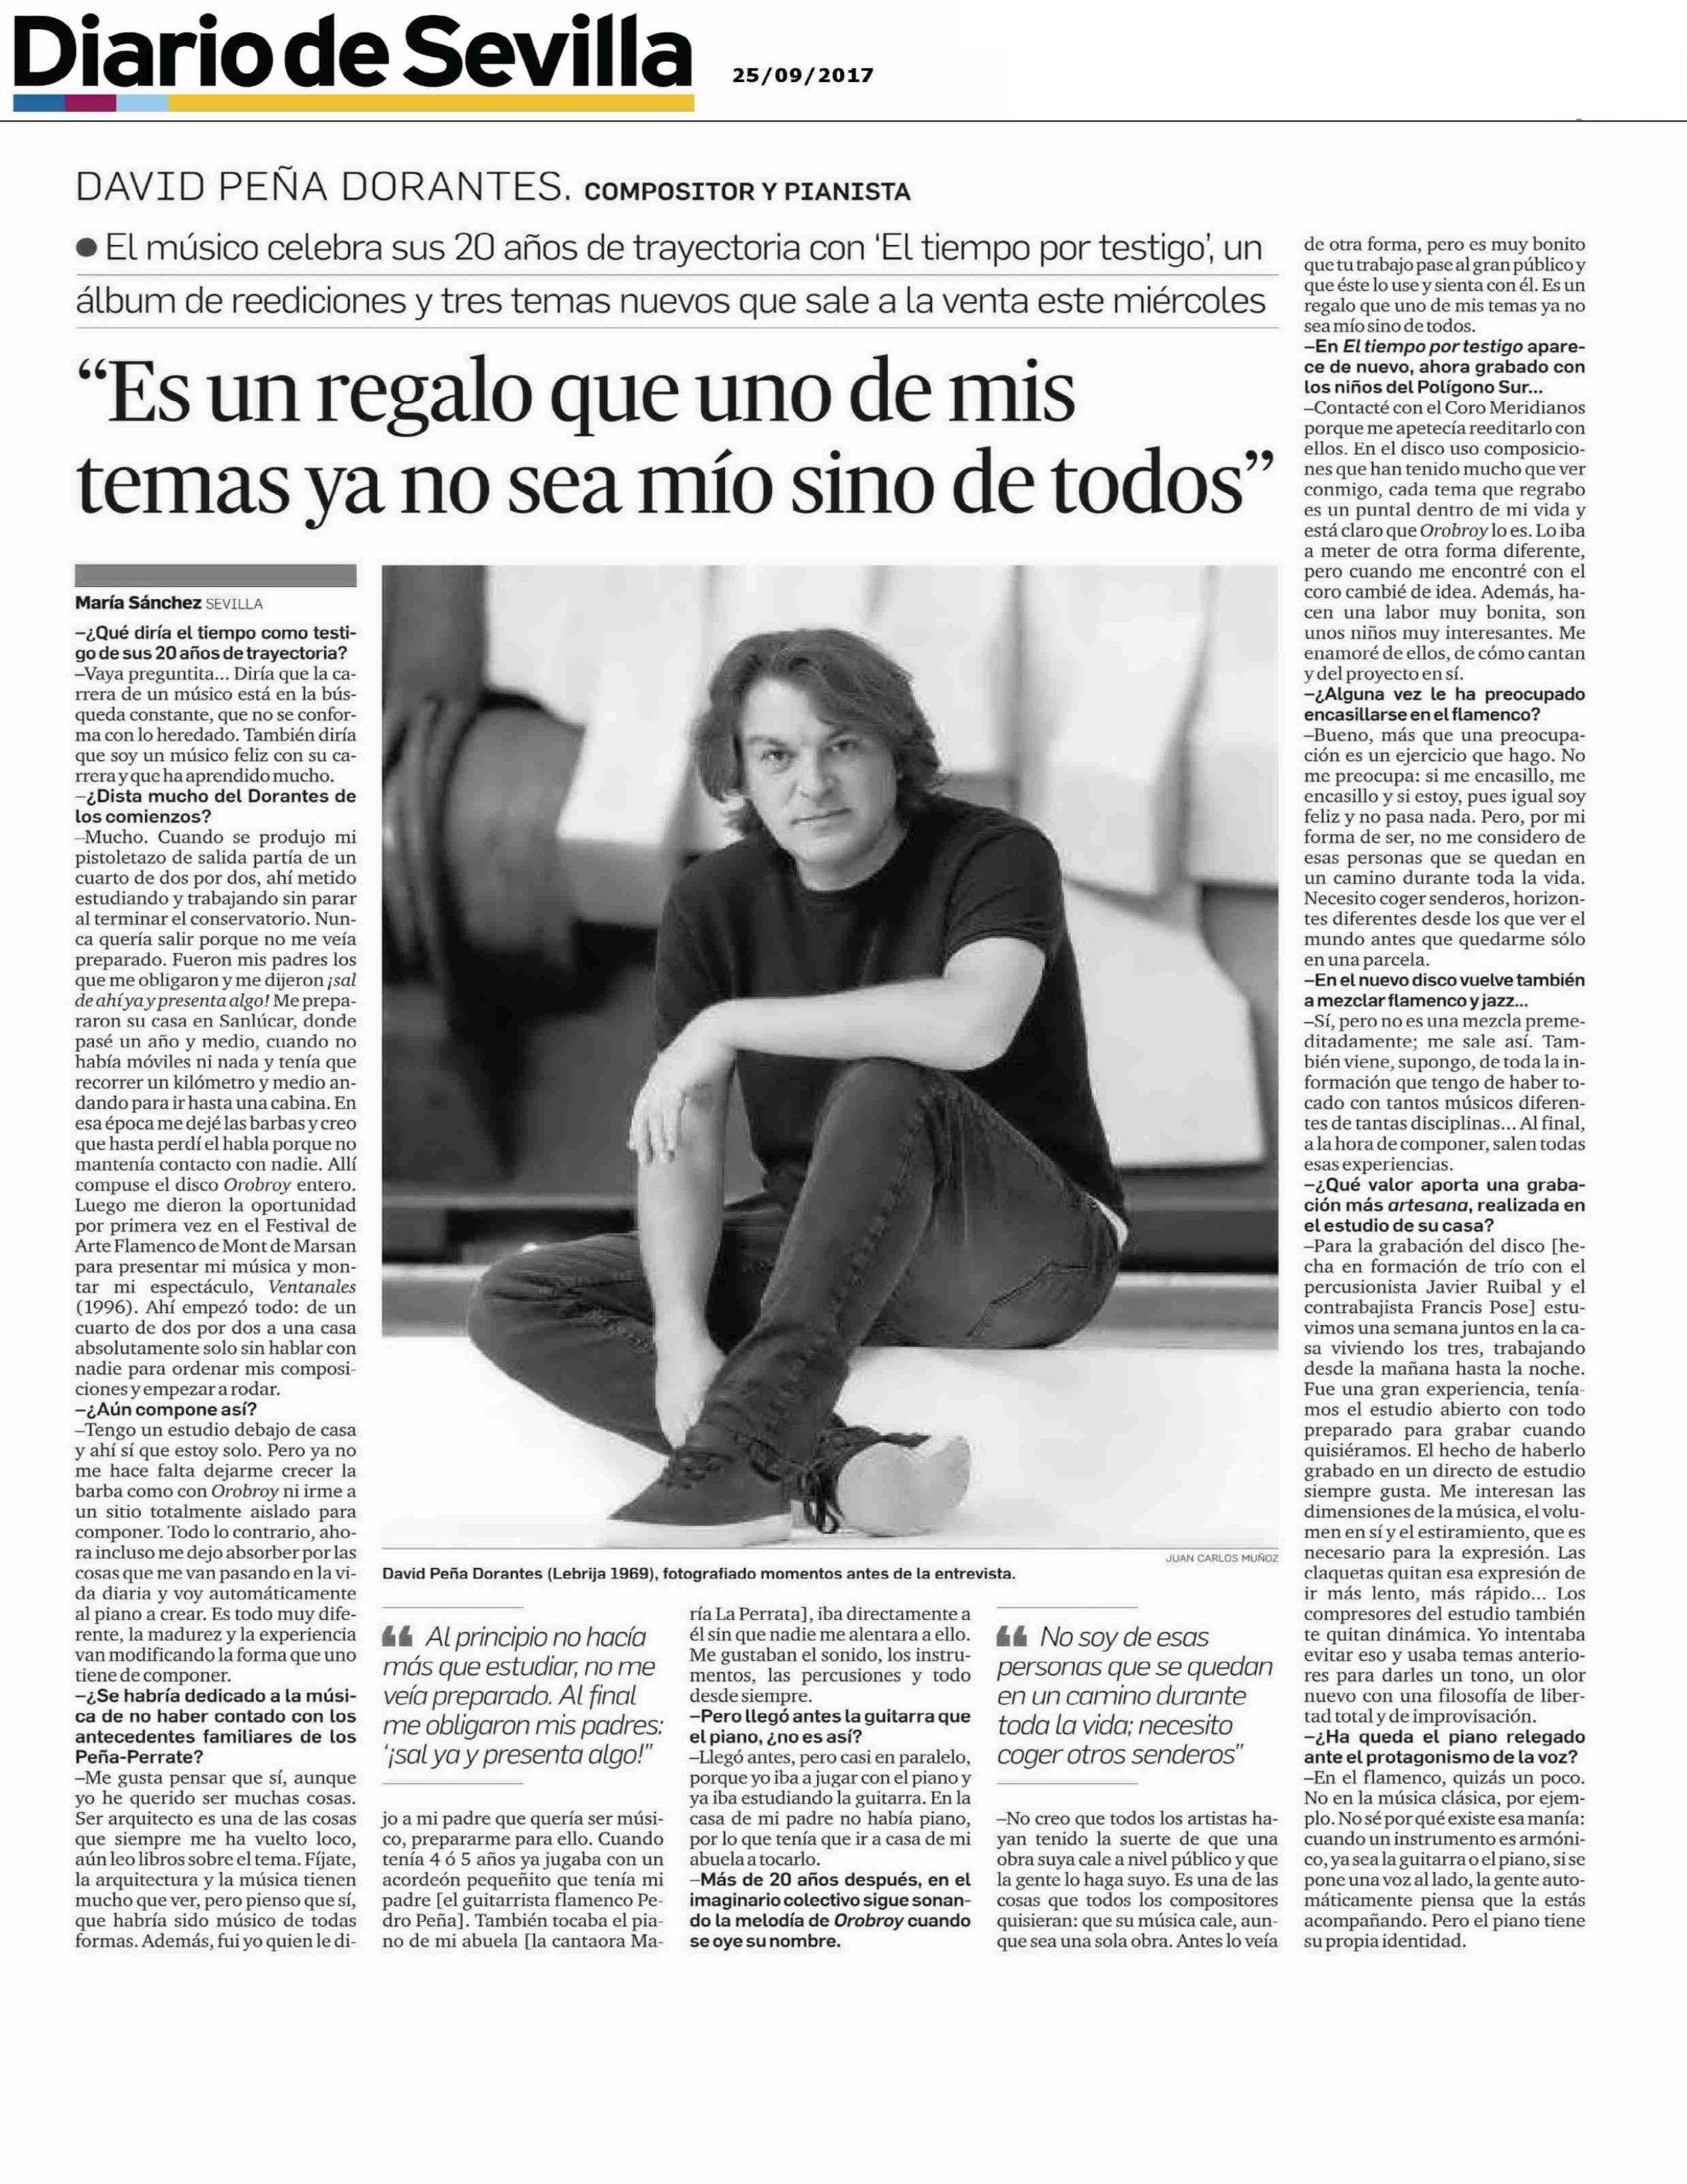 Entrevista a Dorantes